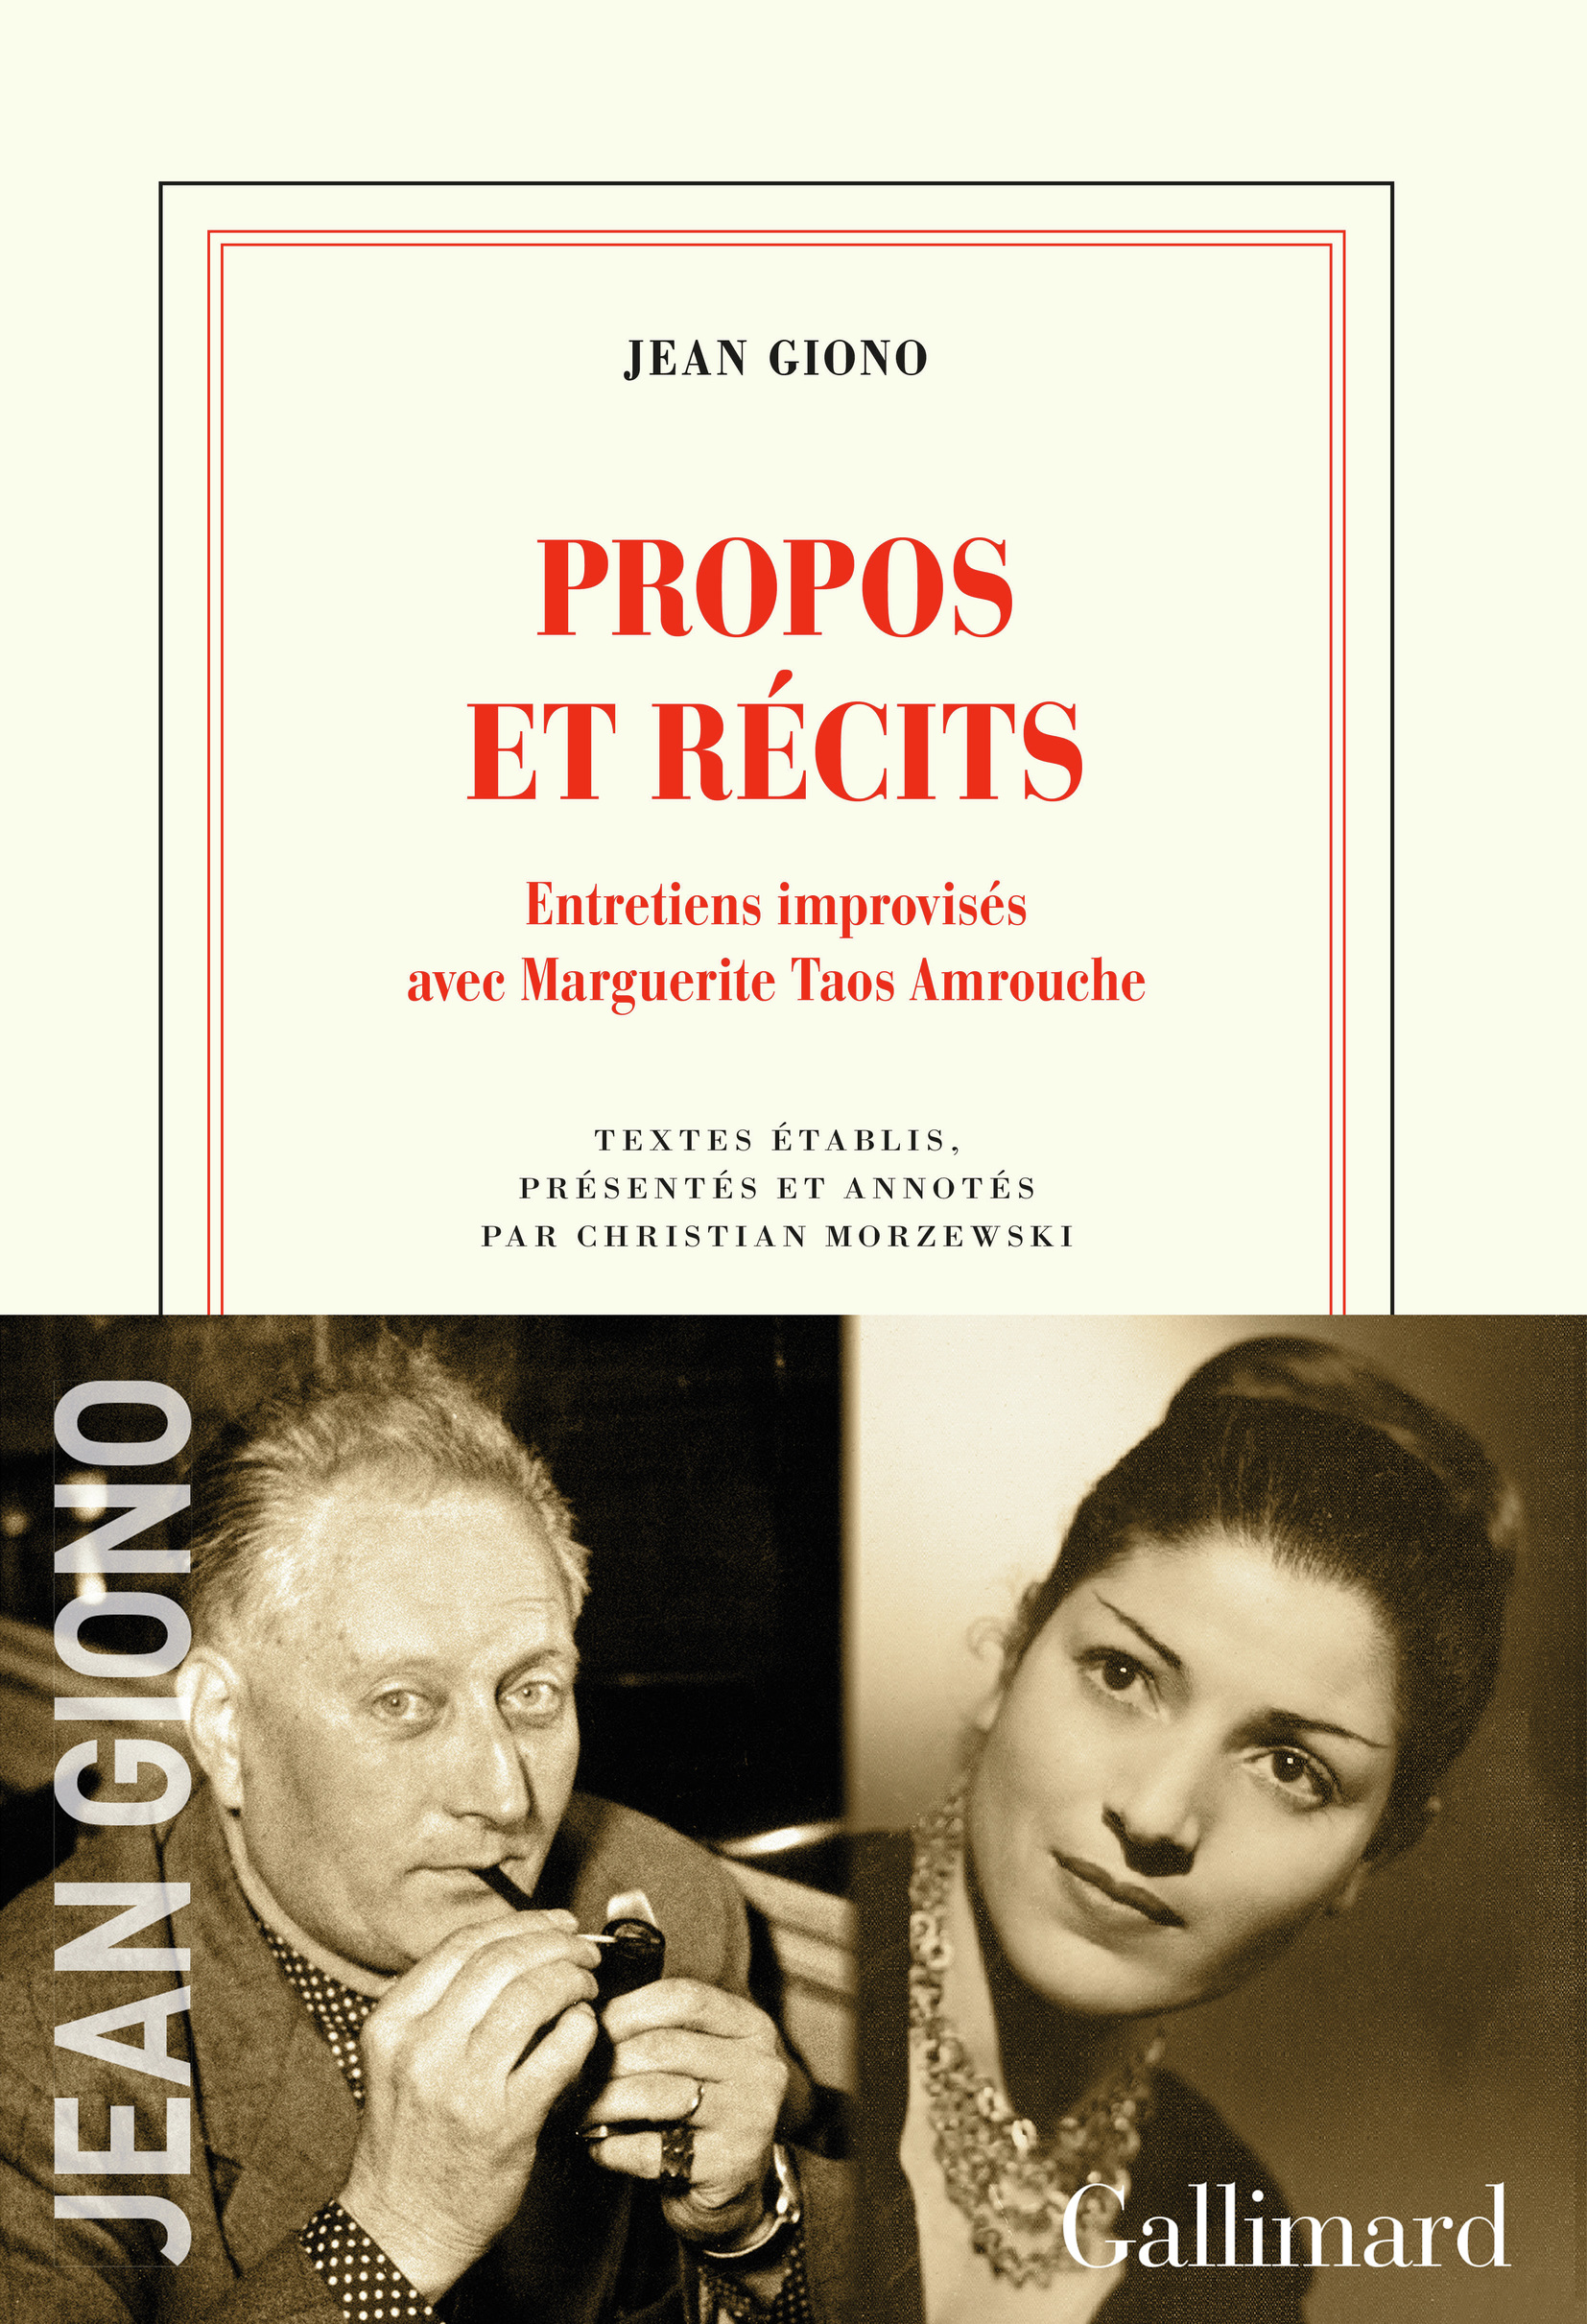 J. Giono, Propos et récits. Entretiens improvisés avec Marguerite Taos Amrouche